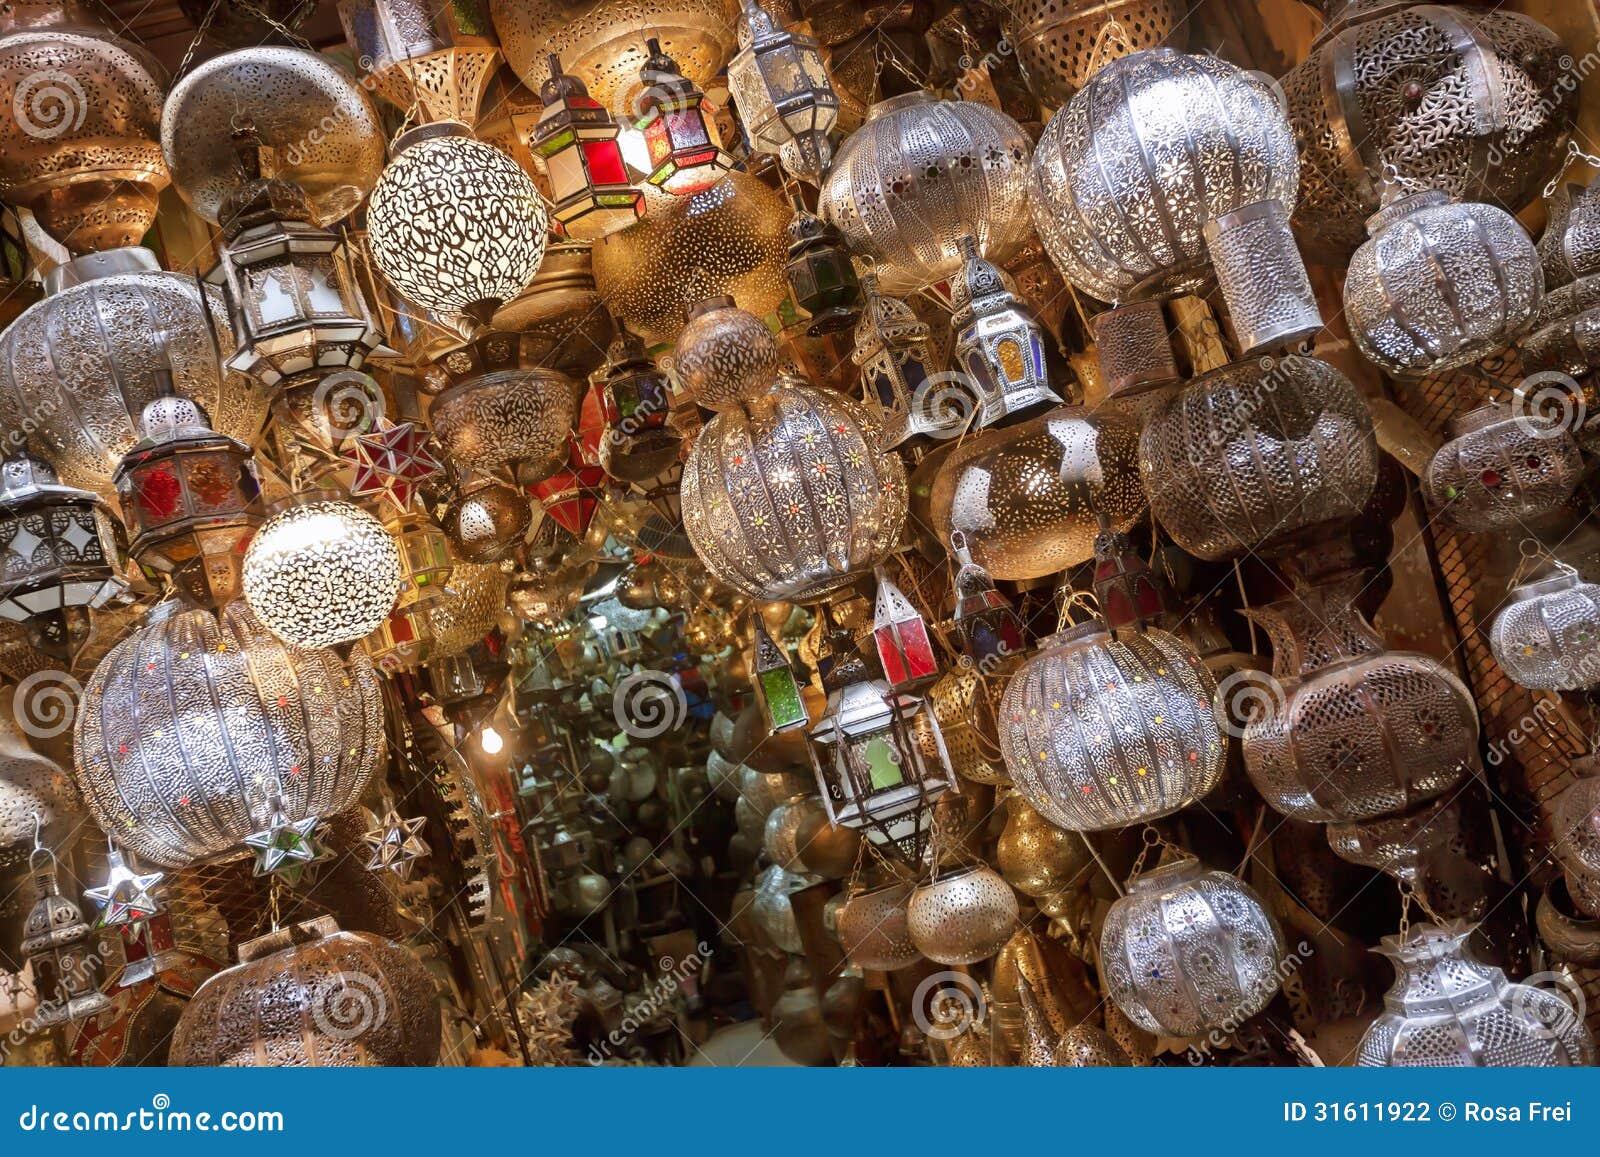 winkel met traitional marokkaanse en arabische lampen stock fotografie afbeelding 31611922. Black Bedroom Furniture Sets. Home Design Ideas